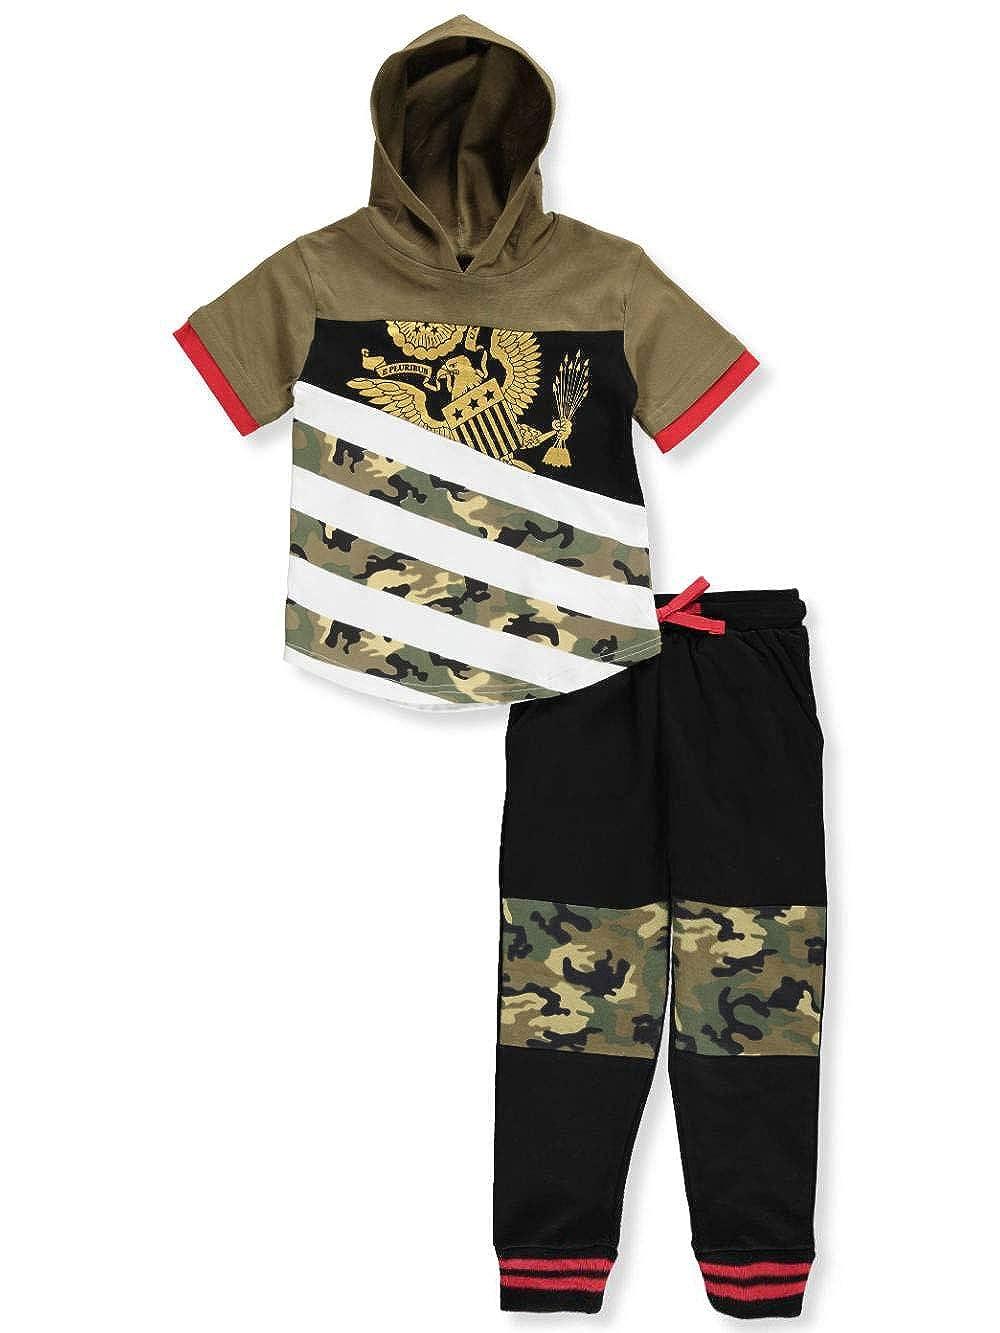 Quad Seven Boys' 2-Piece Pants Set Outfit